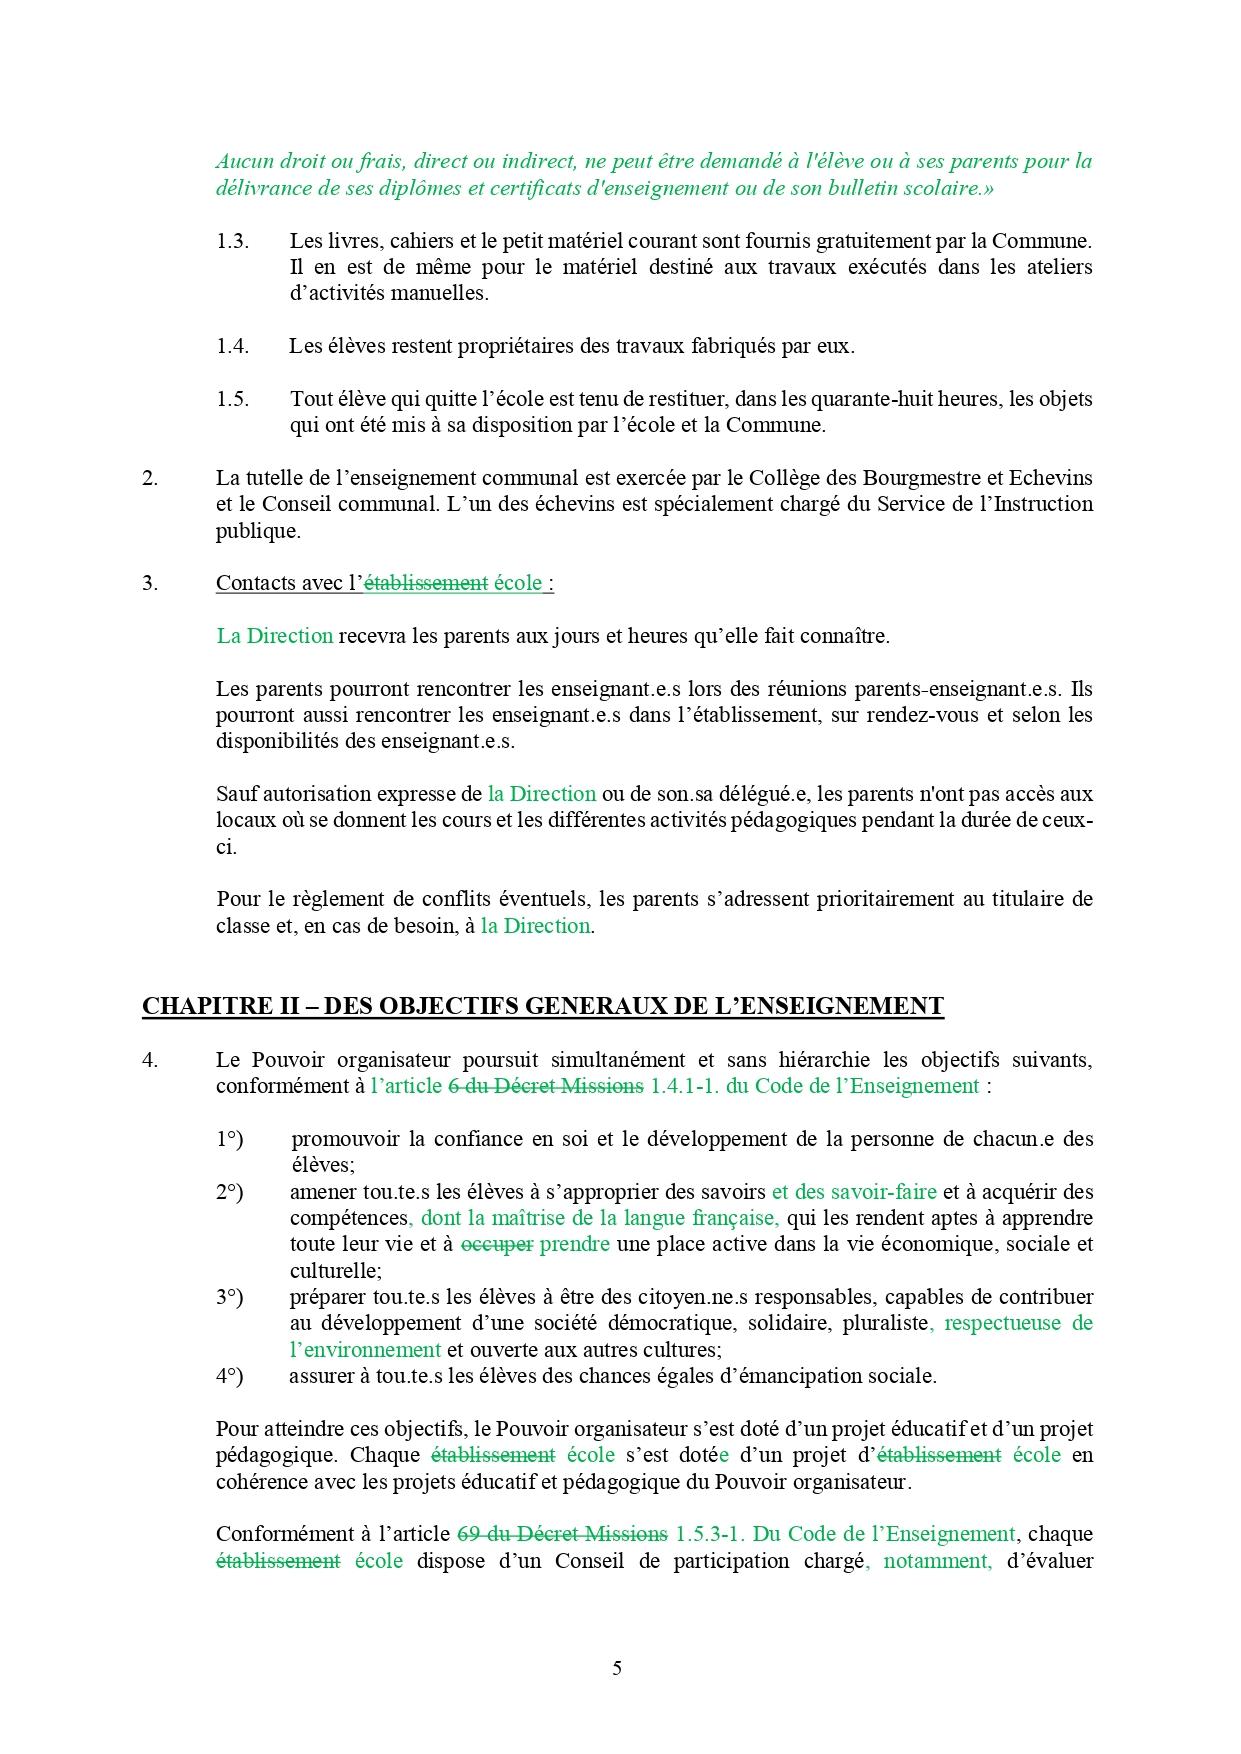 ROI fondamental avril 2020_page-0005